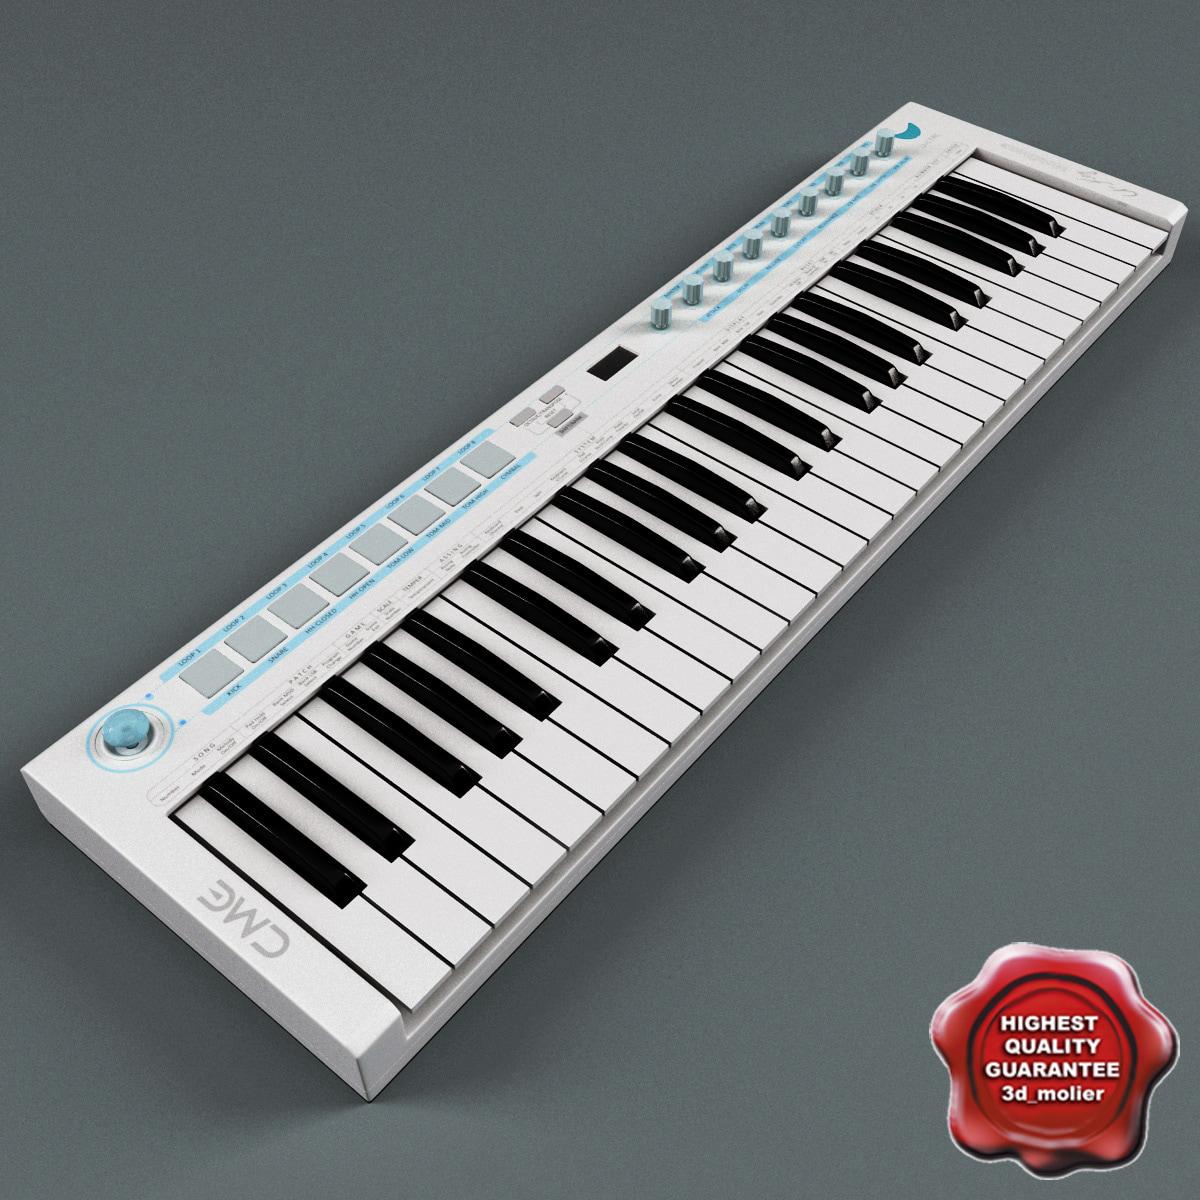 USB_MIDI_Keyboard_U-Key_White_00.jpg